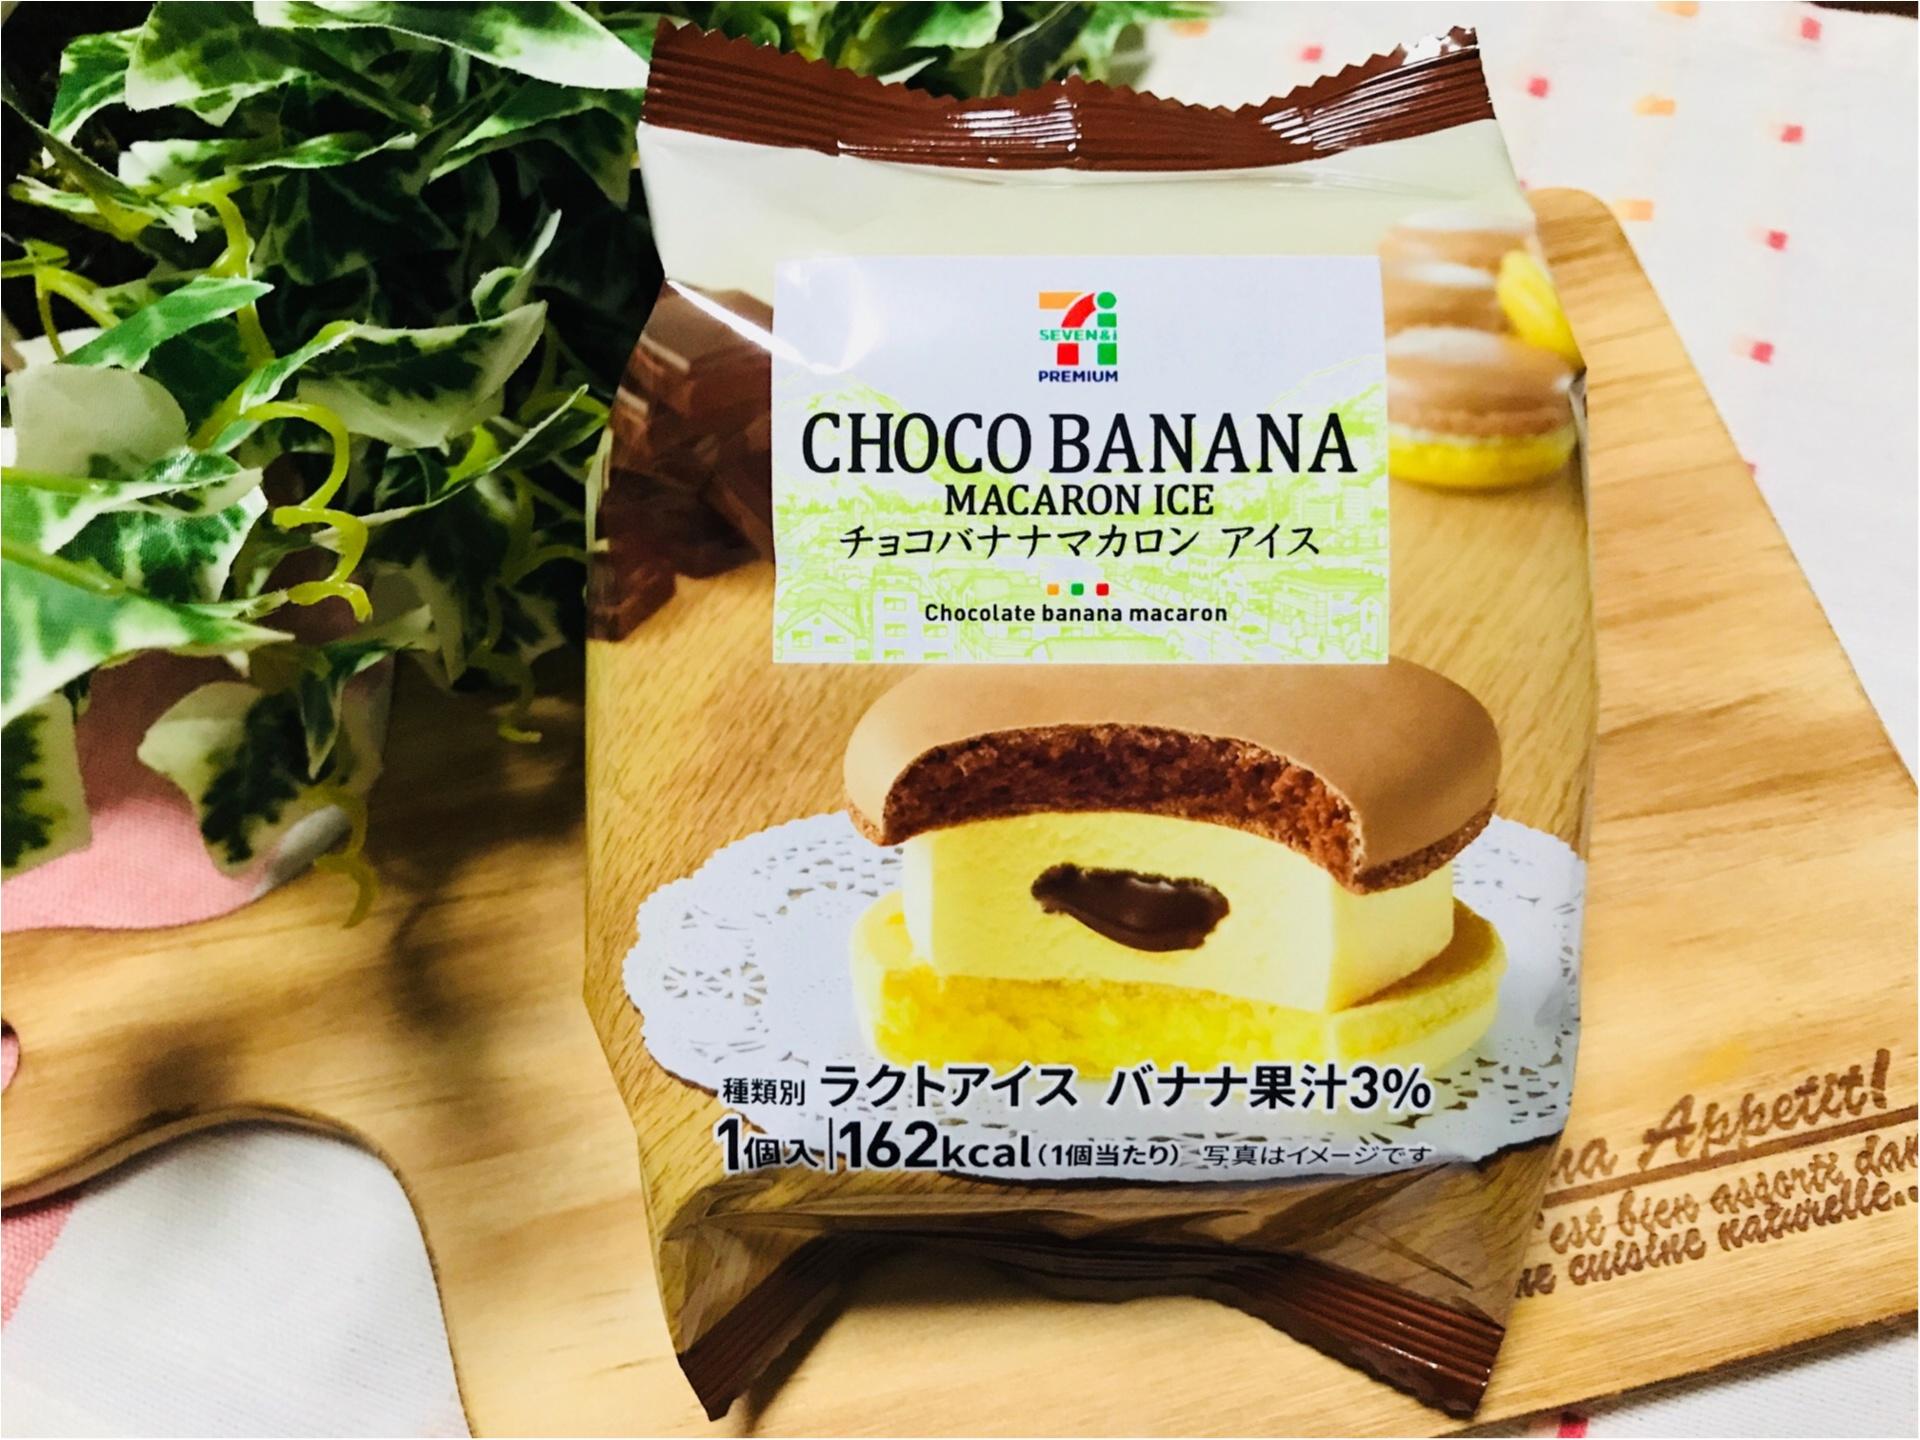 【セブンスイーツ】可愛すぎると話題!《マカロンアイス》にチョコバナナ味登場♡_1